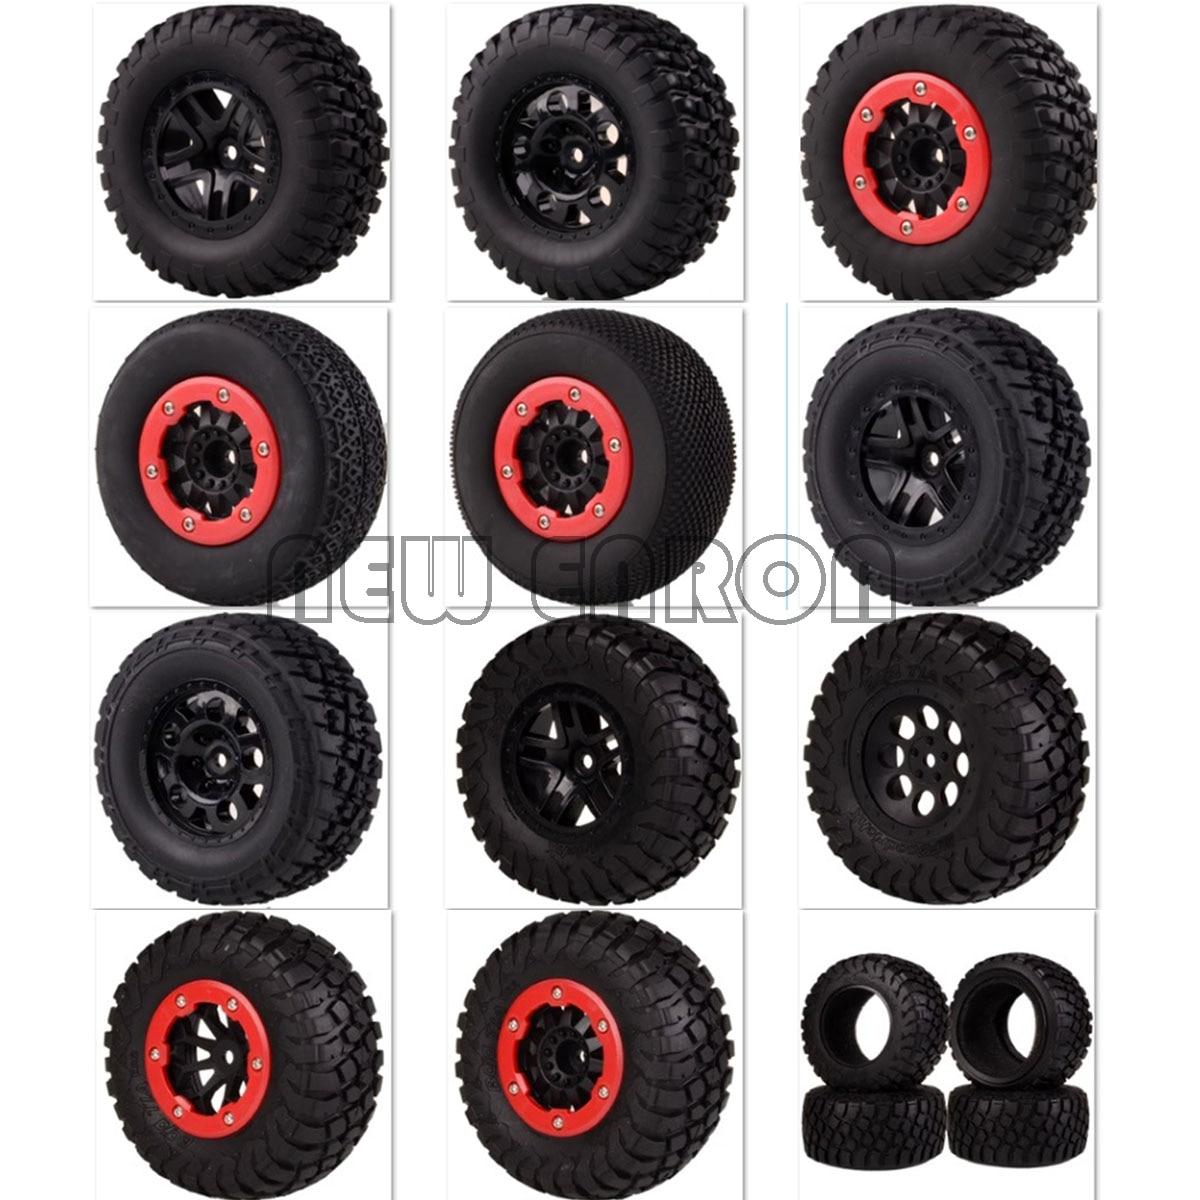 Enron cubo para pneu 4 peças, travamento curto para caminhão rodas e aro 12mm ajuste 1:10 1/10 traxxas slash 4x4 vkar 10sc hpi